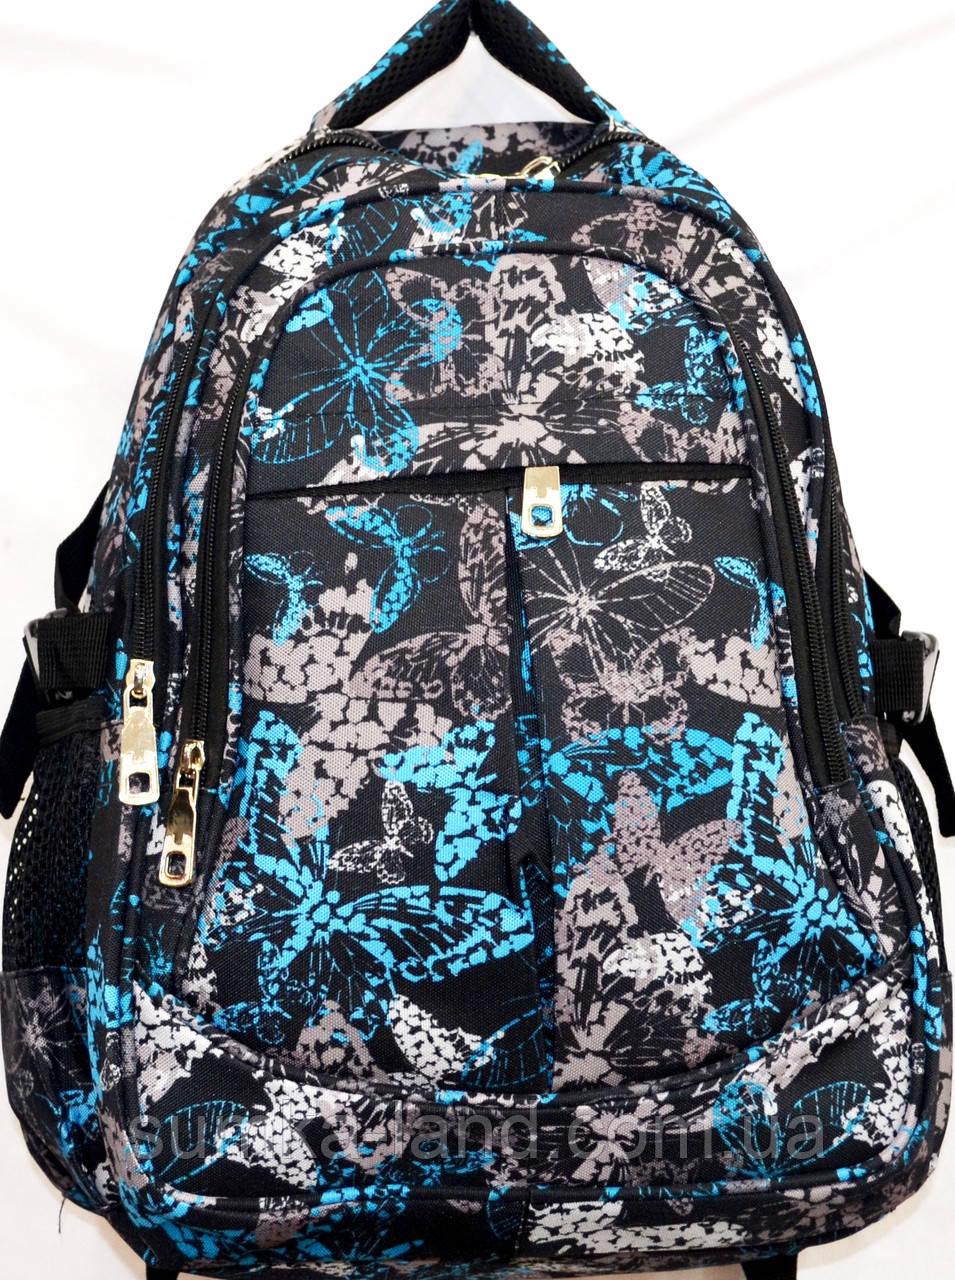 Портфели, рюкзаки и ранцы для школы (ГОЛУБОЙ - ПРИНТ - БАБОЧКИ)